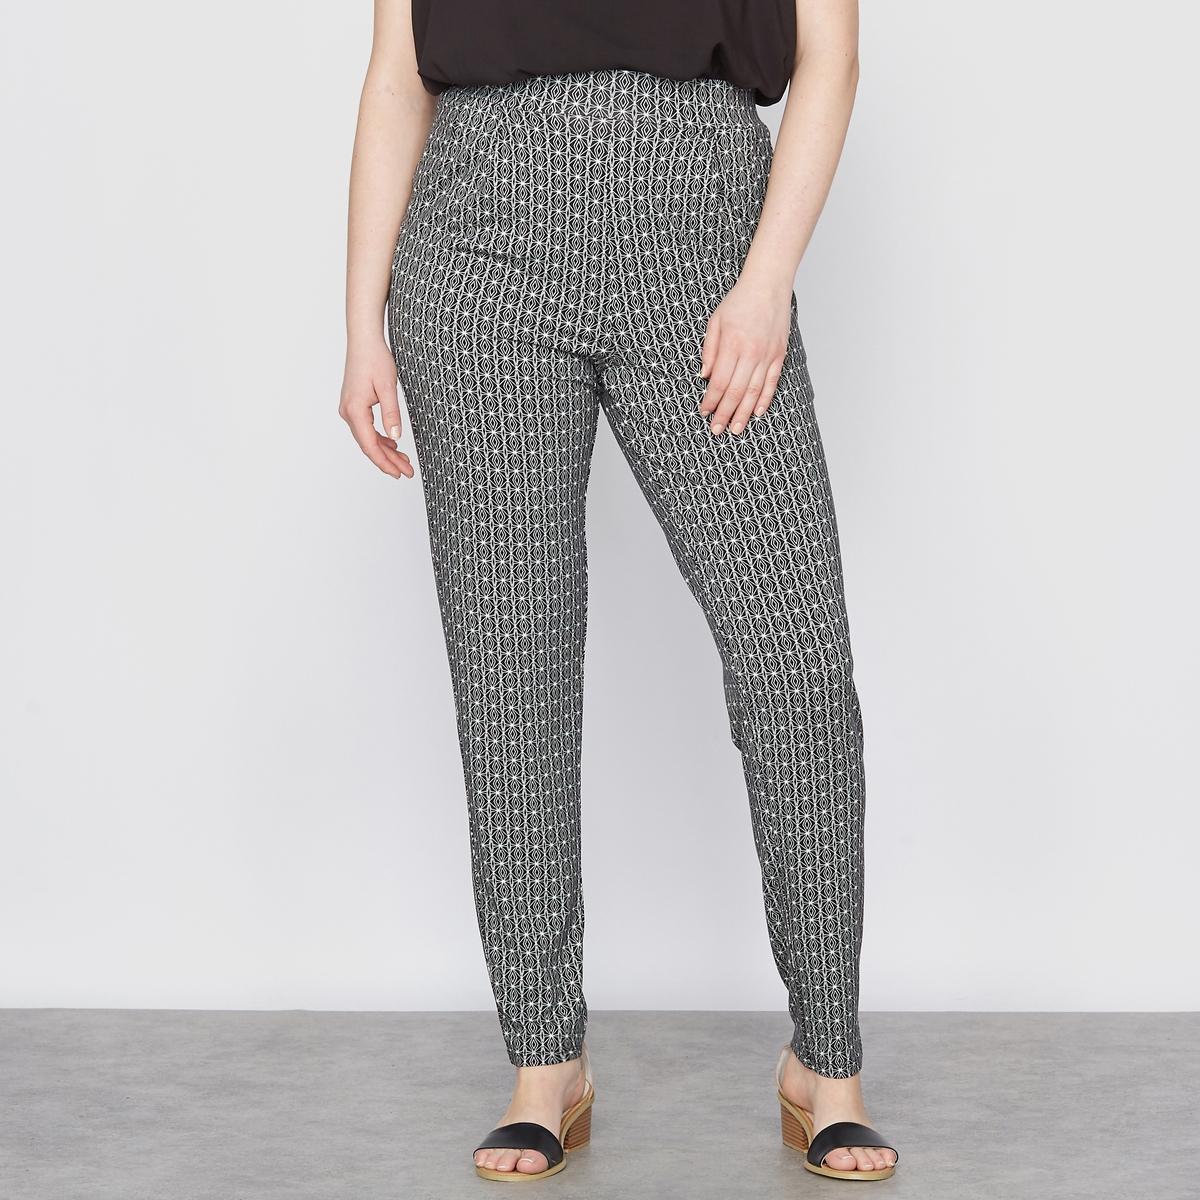 Спортивные брюки из струящегося джерсиБрюки. Струящиеся спортивные брюки идеальны для лета! 2 кармана по бокам. Эластичный для большего комфорта пояс. Низ брючин на резинках. Джерси с рисунком: 95% вискозы, 5% эластана. Длина по внутр.шву 72 см.<br><br>Цвет: наб. рисунок черный/ белый<br>Размер: 42 (FR) - 48 (RUS)